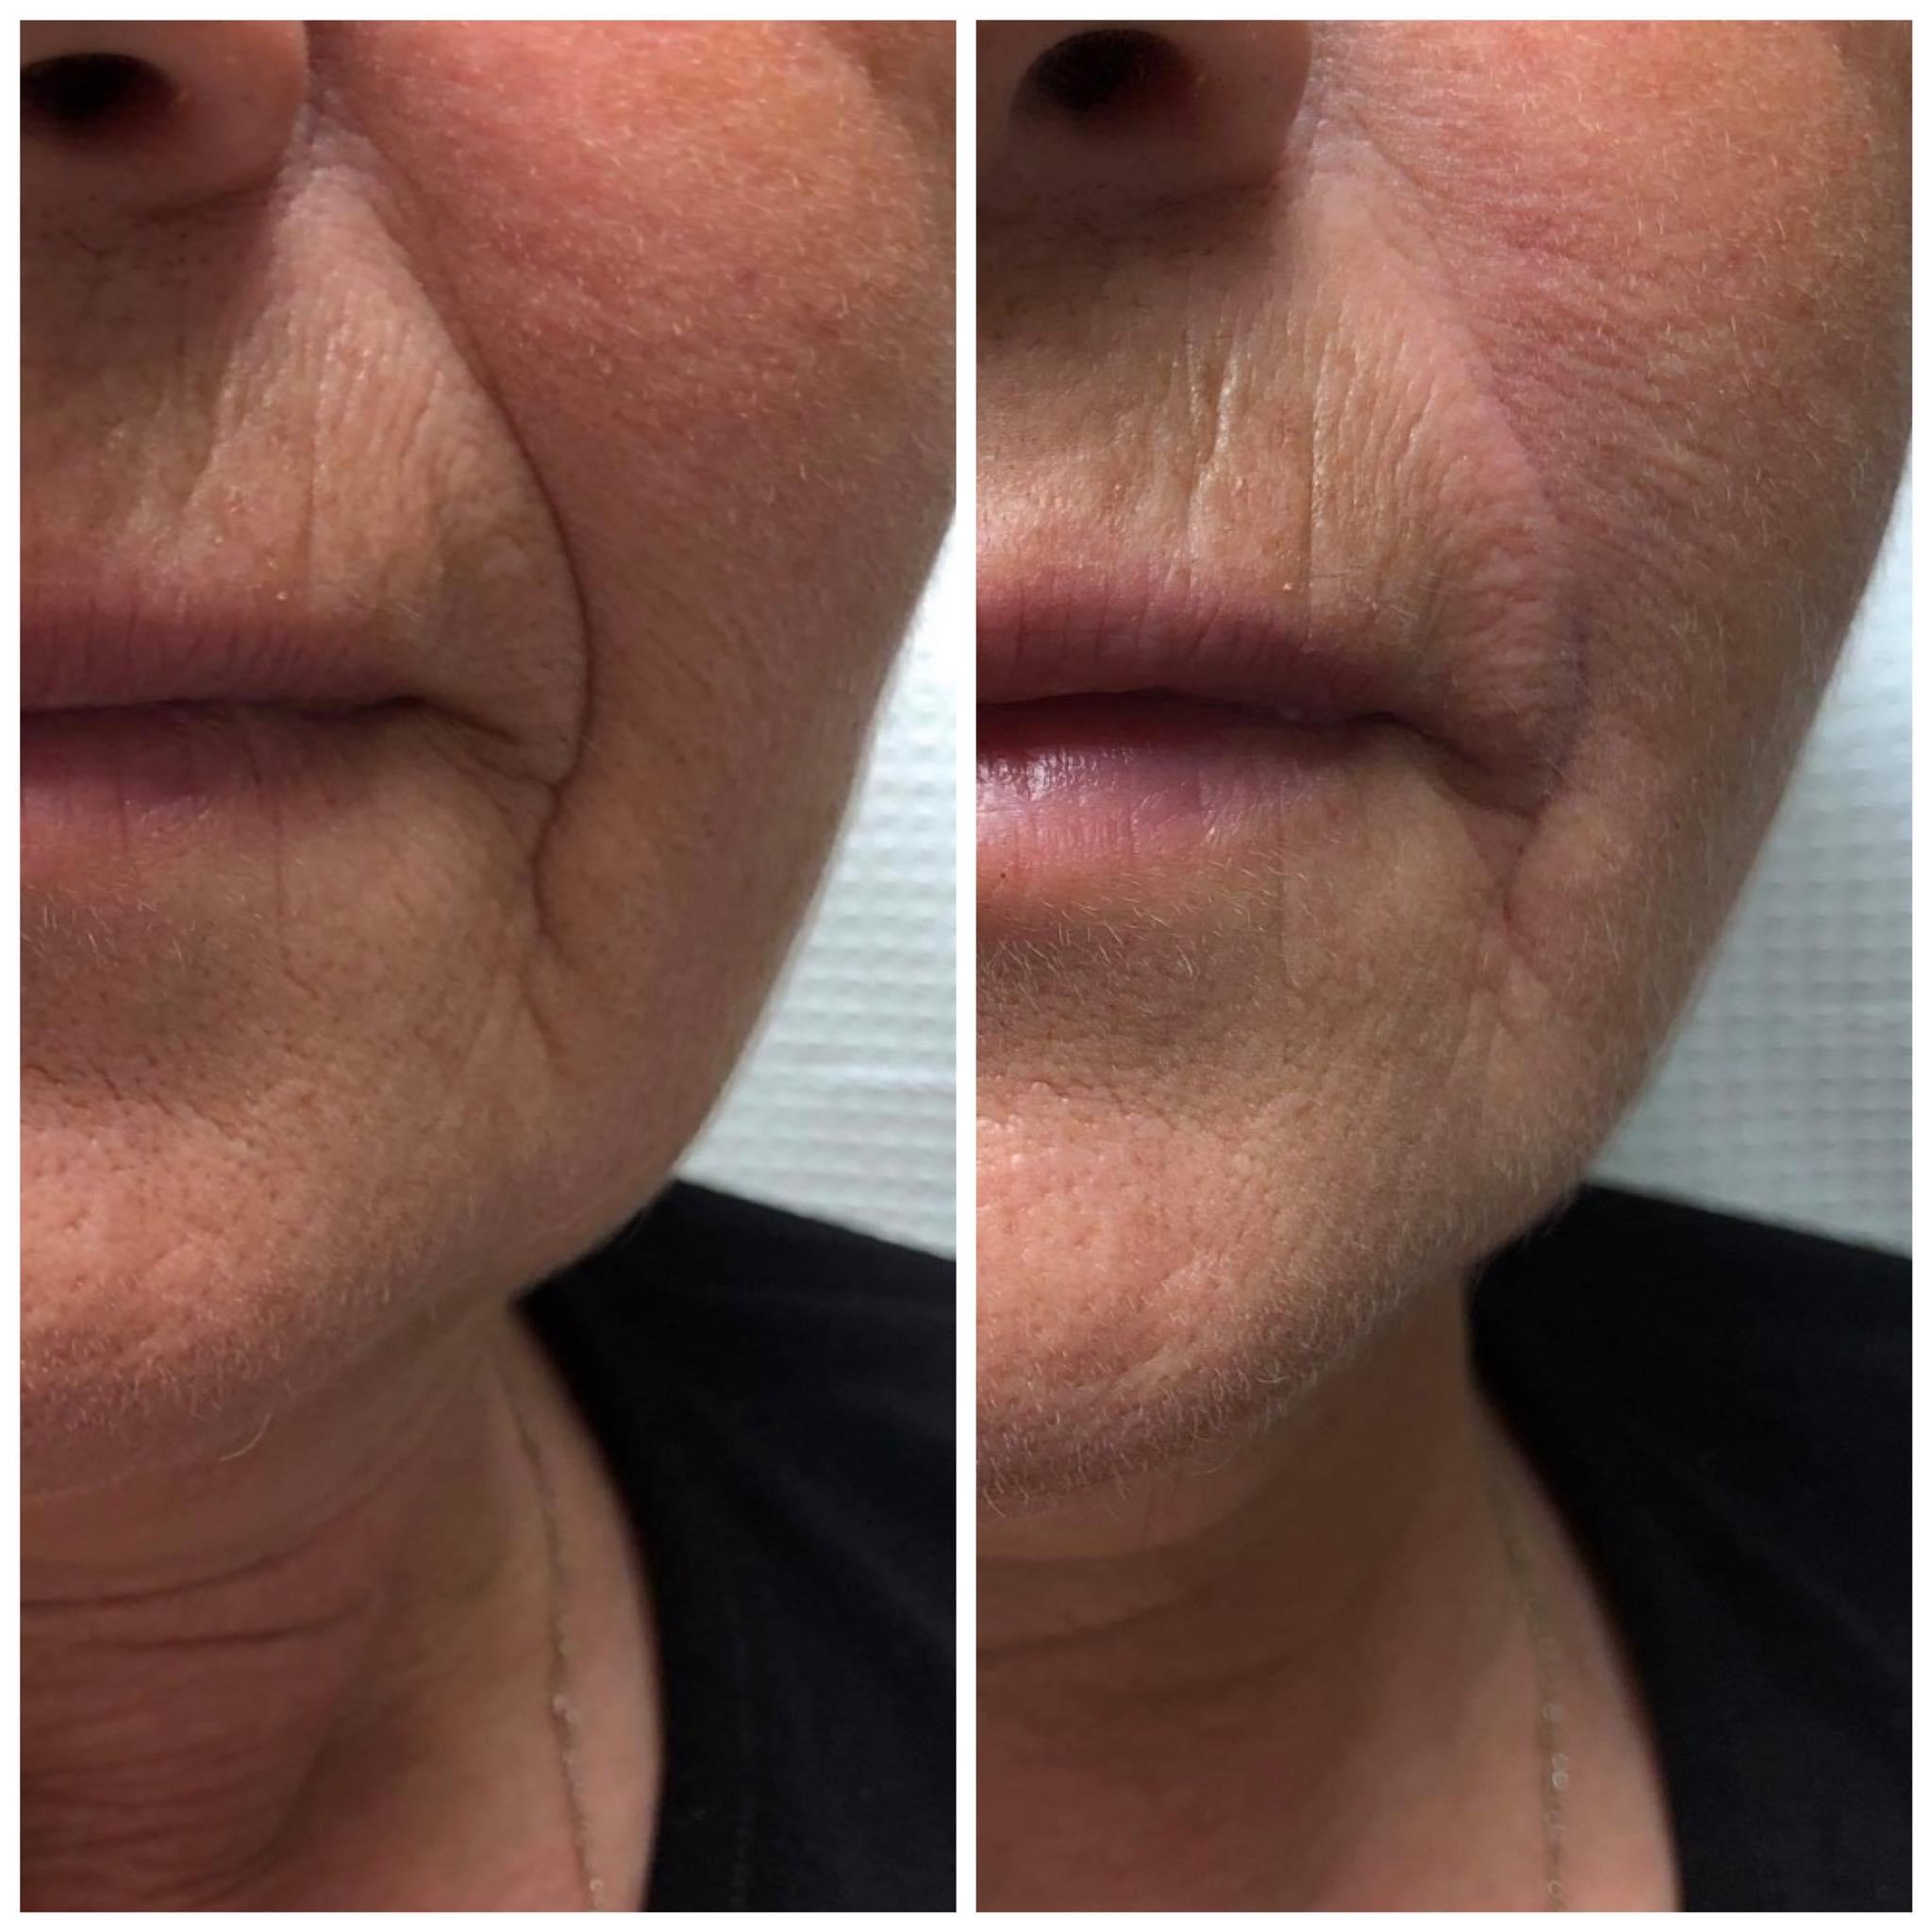 υαλουρονικό οξύ σε ρυτίδες γυναίκας πριν και μετά